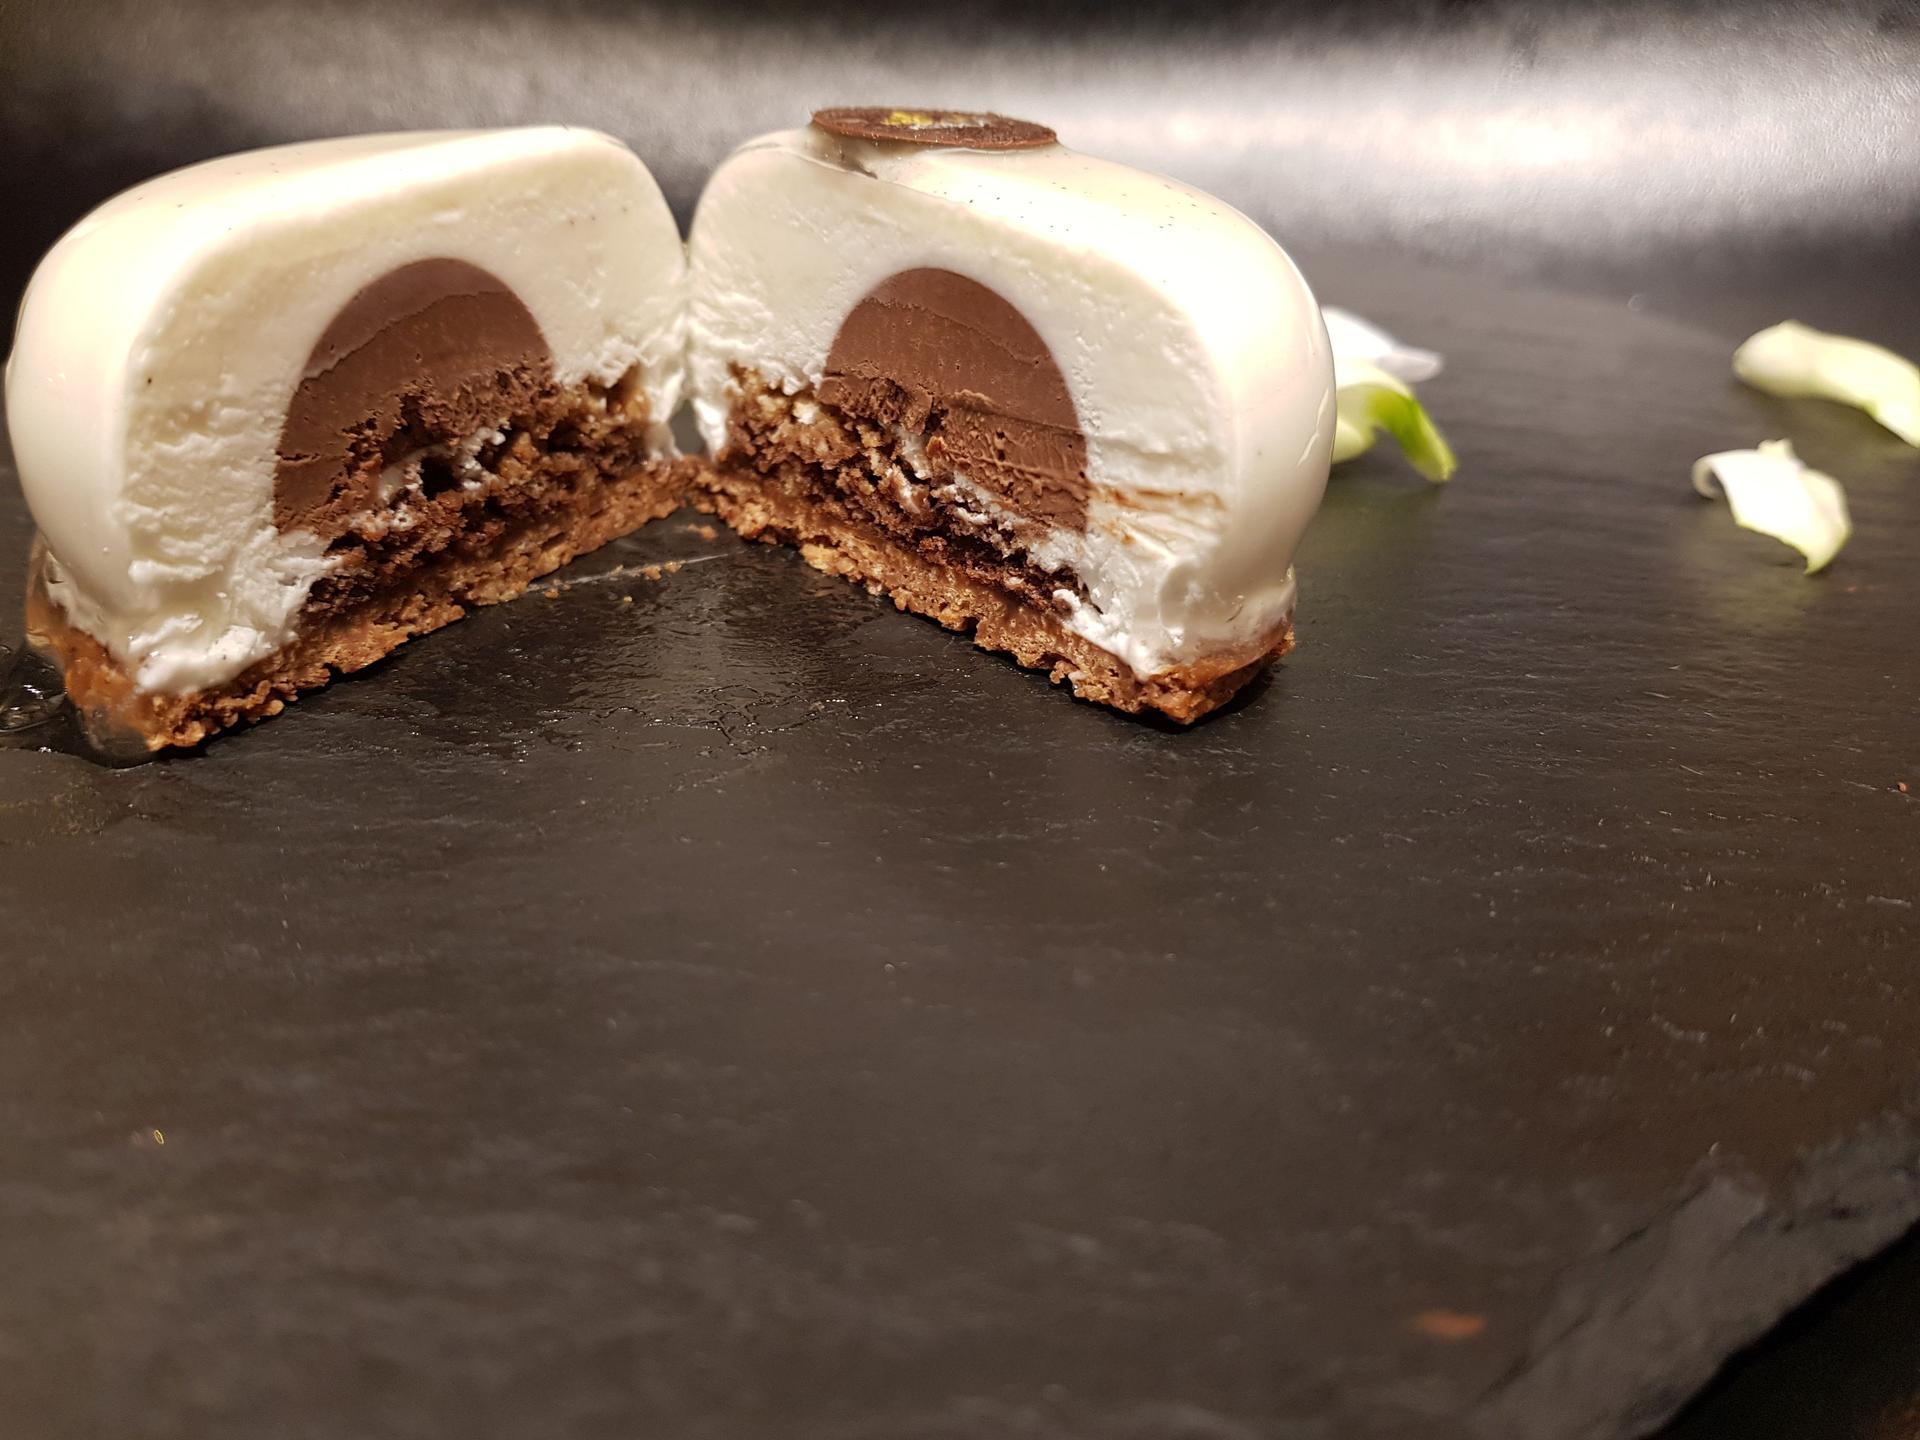 עוגת מוס מסקרפונה של קפה ביגה. צילום: אסף לוי